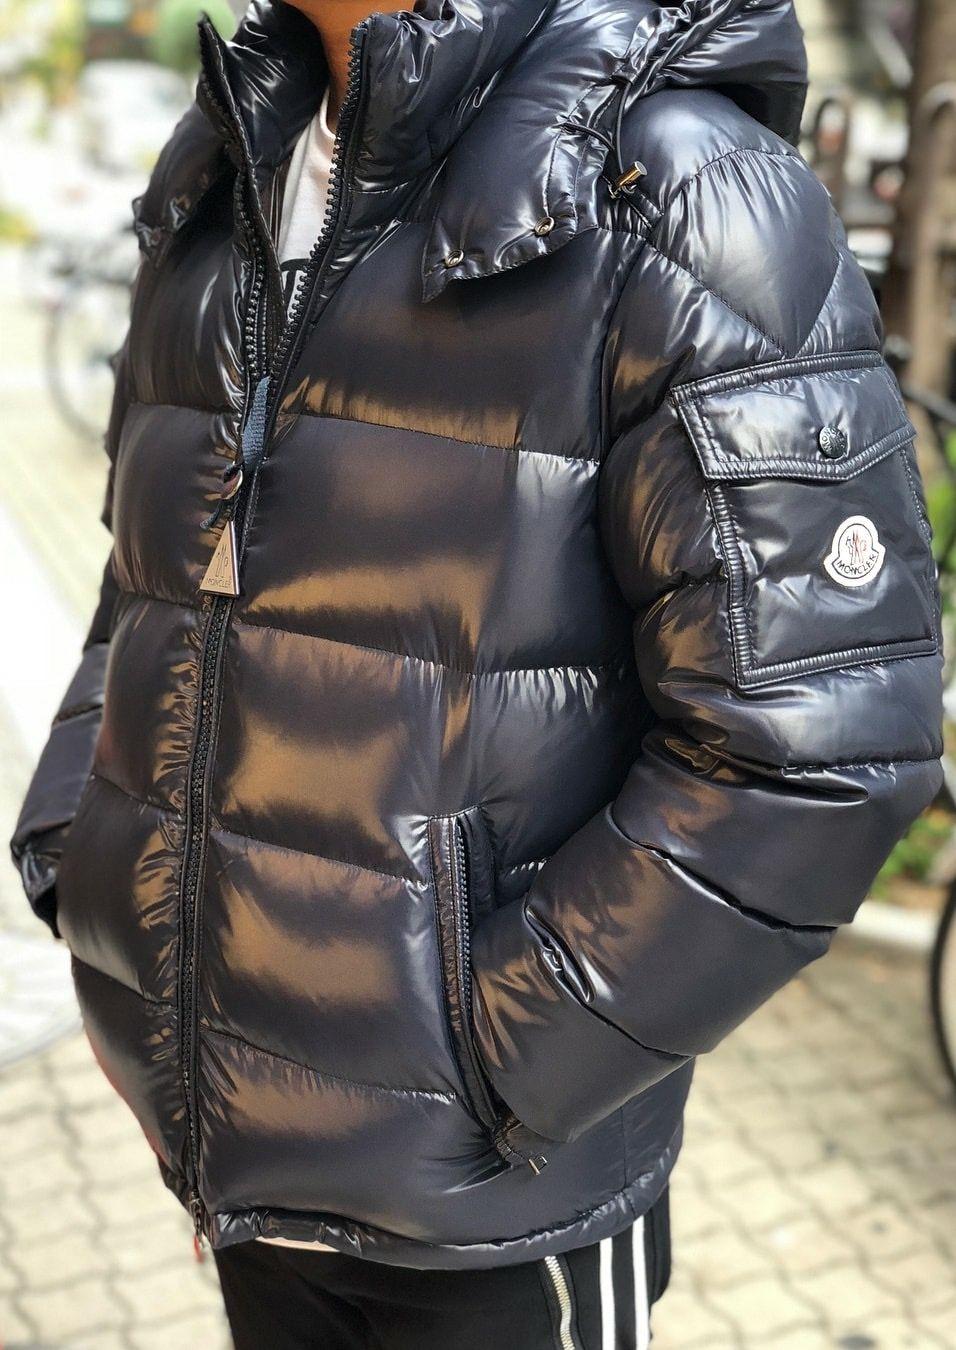 Pin von AlexBln auf Daunenjacke | Jacken, Regenjacke und